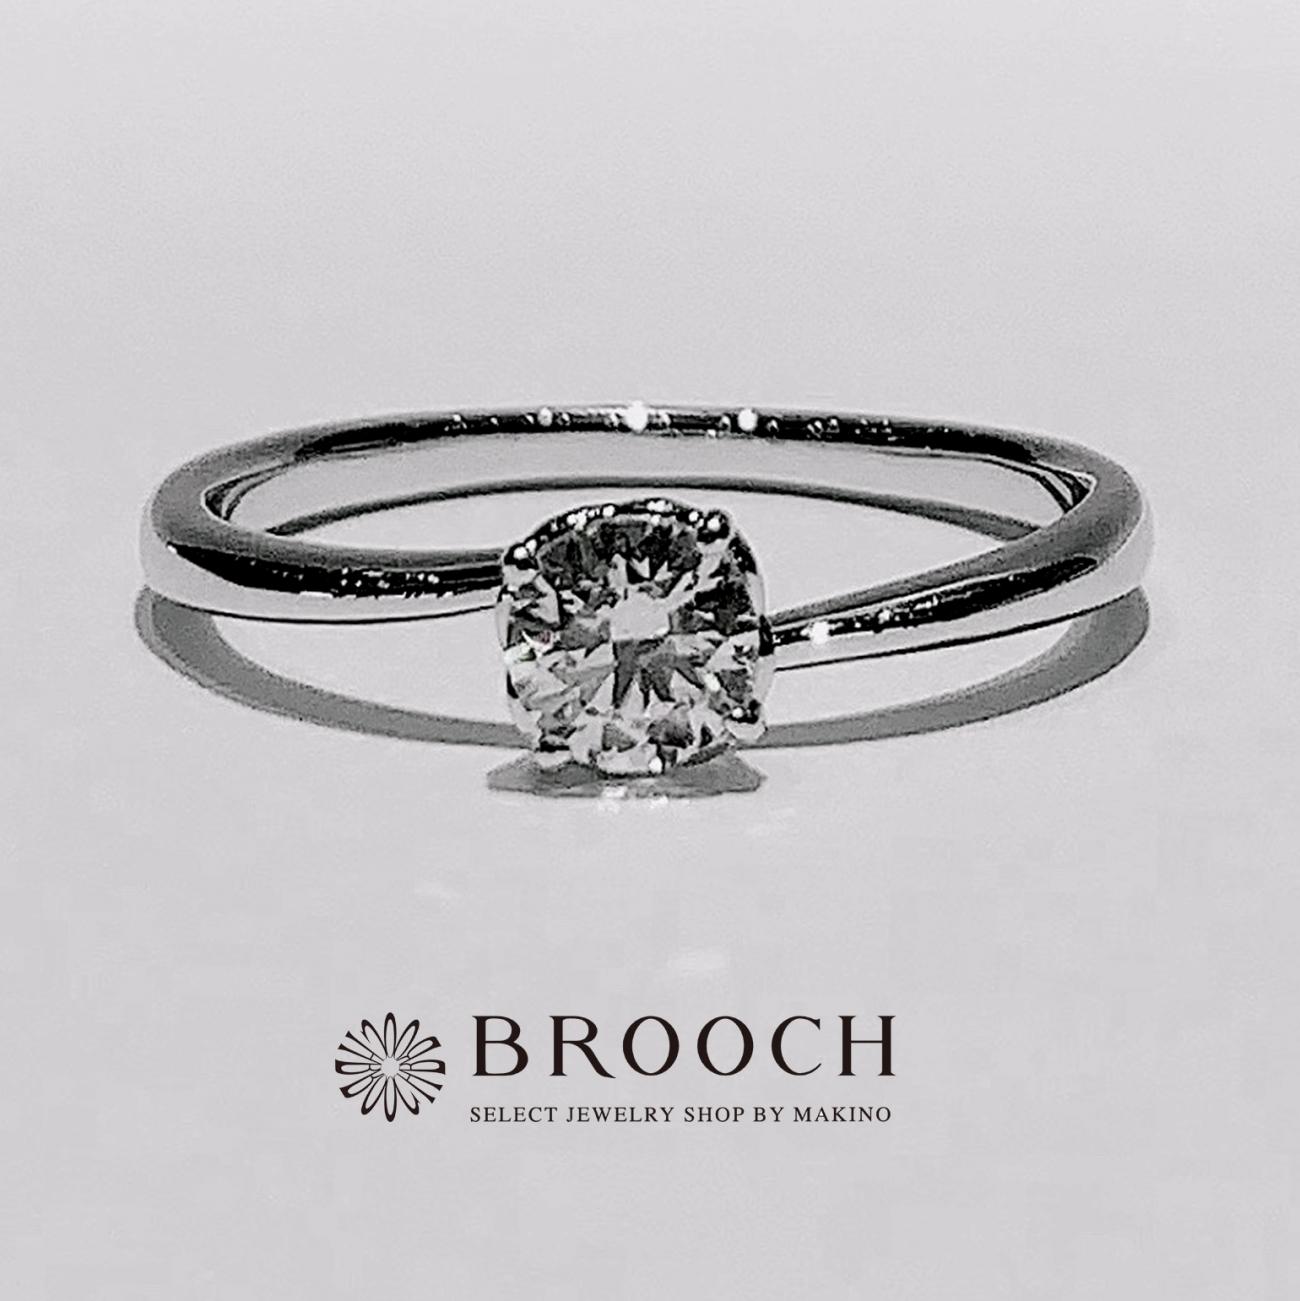 BROOCH 婚約指輪 エンゲージリング 4点留めダイヤ細めシンプルデザイン